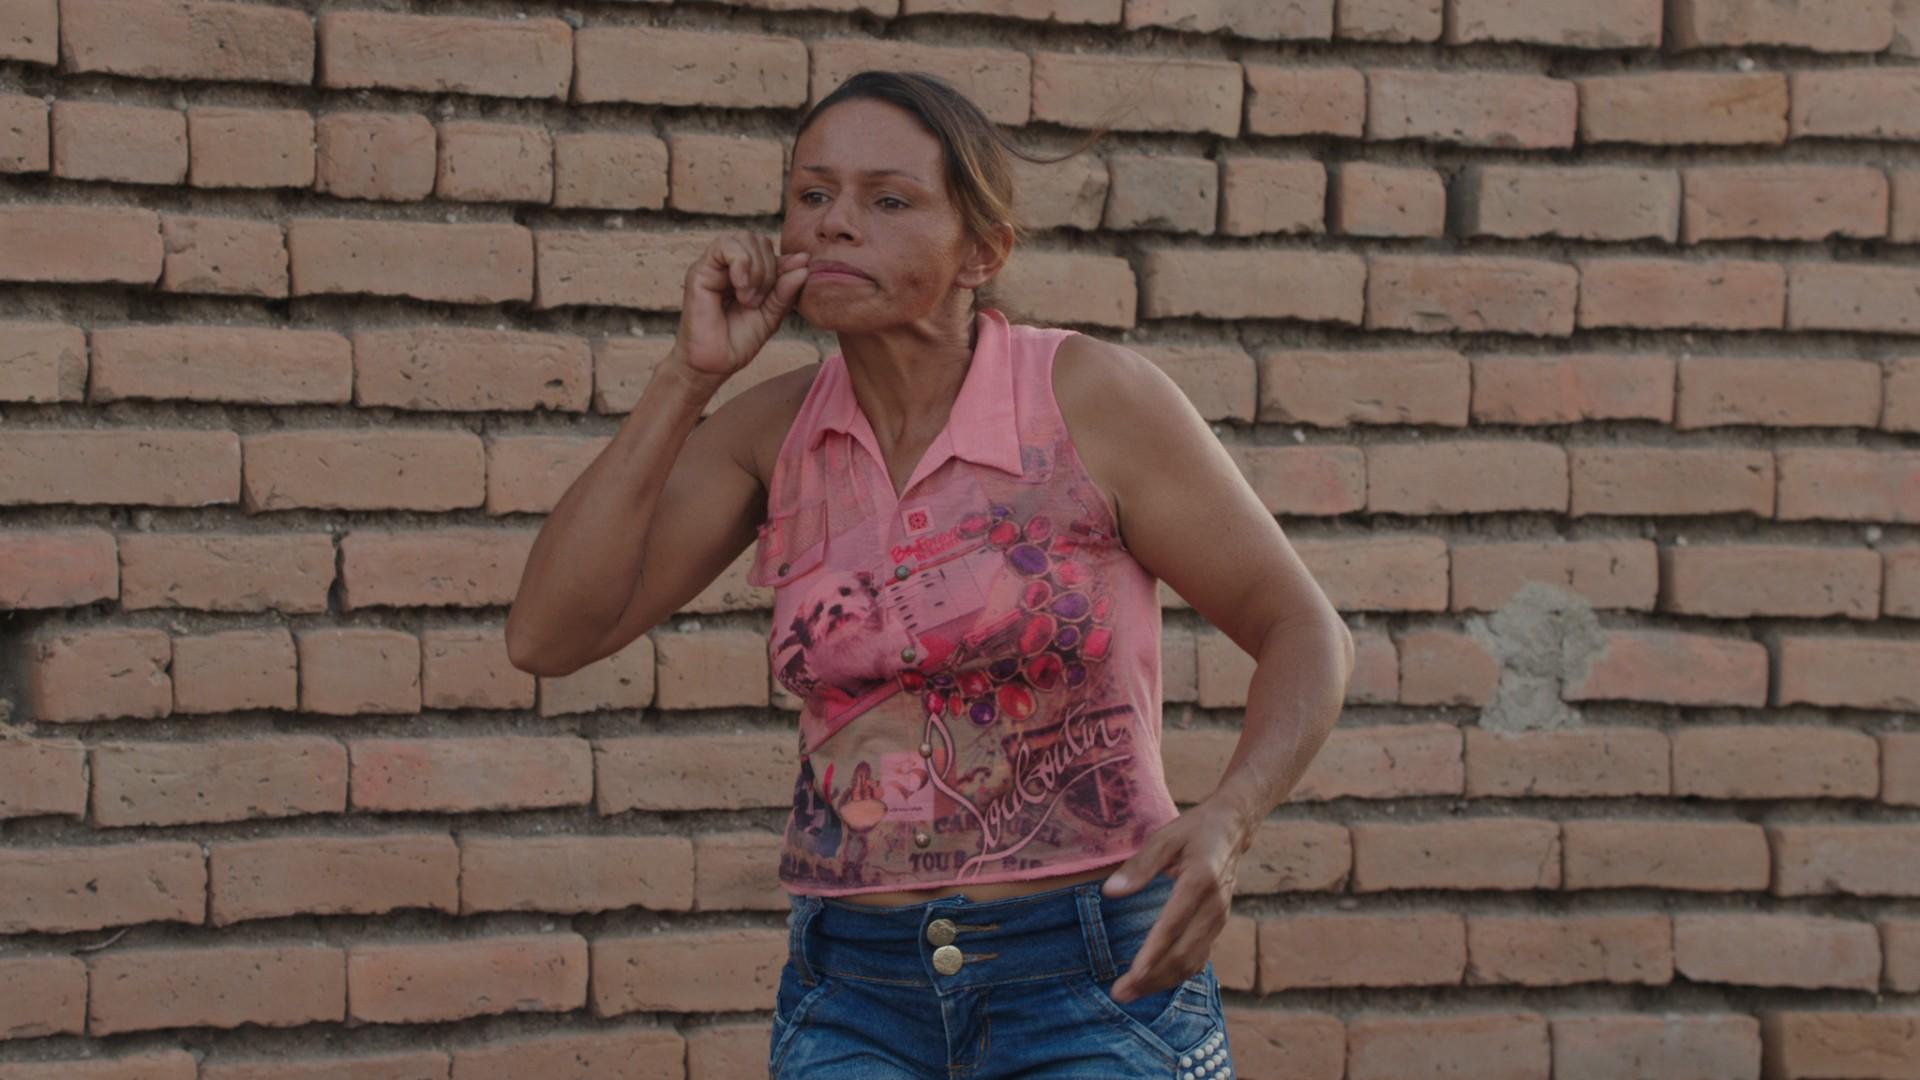 Eine Frau mit dunkler Hautfarbe und braunen, zu einem Zopf gebundenen Haaren, steht vor einer Backsteinwand. Sie trägt ein pinkes ärmelloses shirt und macht eine Gebärde.